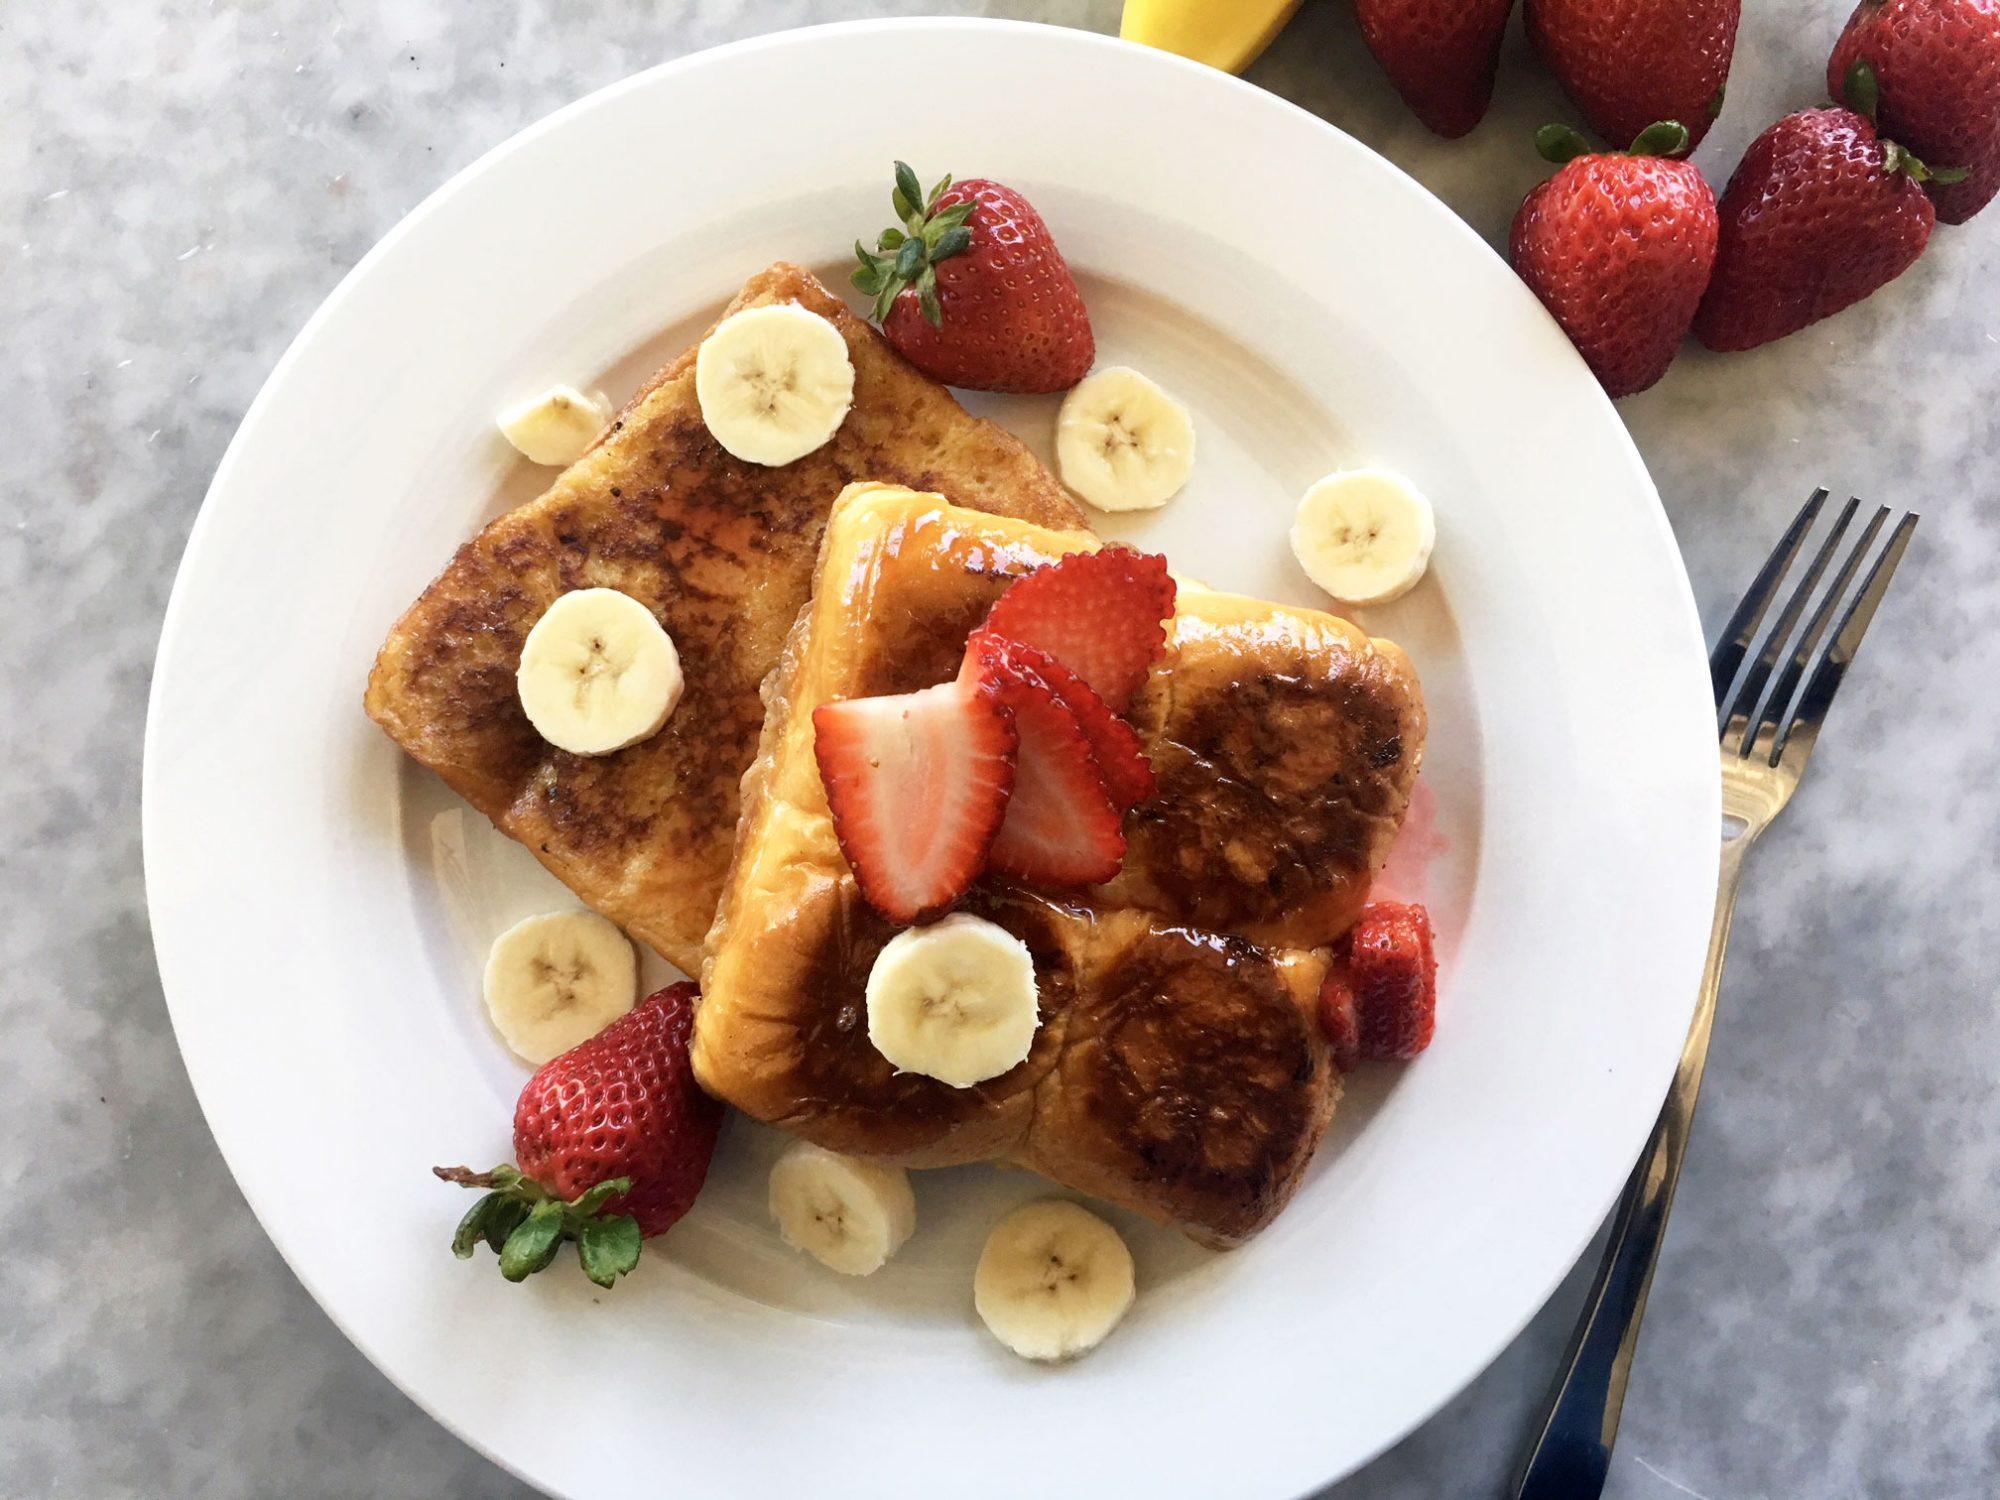 Copycat IHOP Strawberry Banana King's Hawaiian French Toast